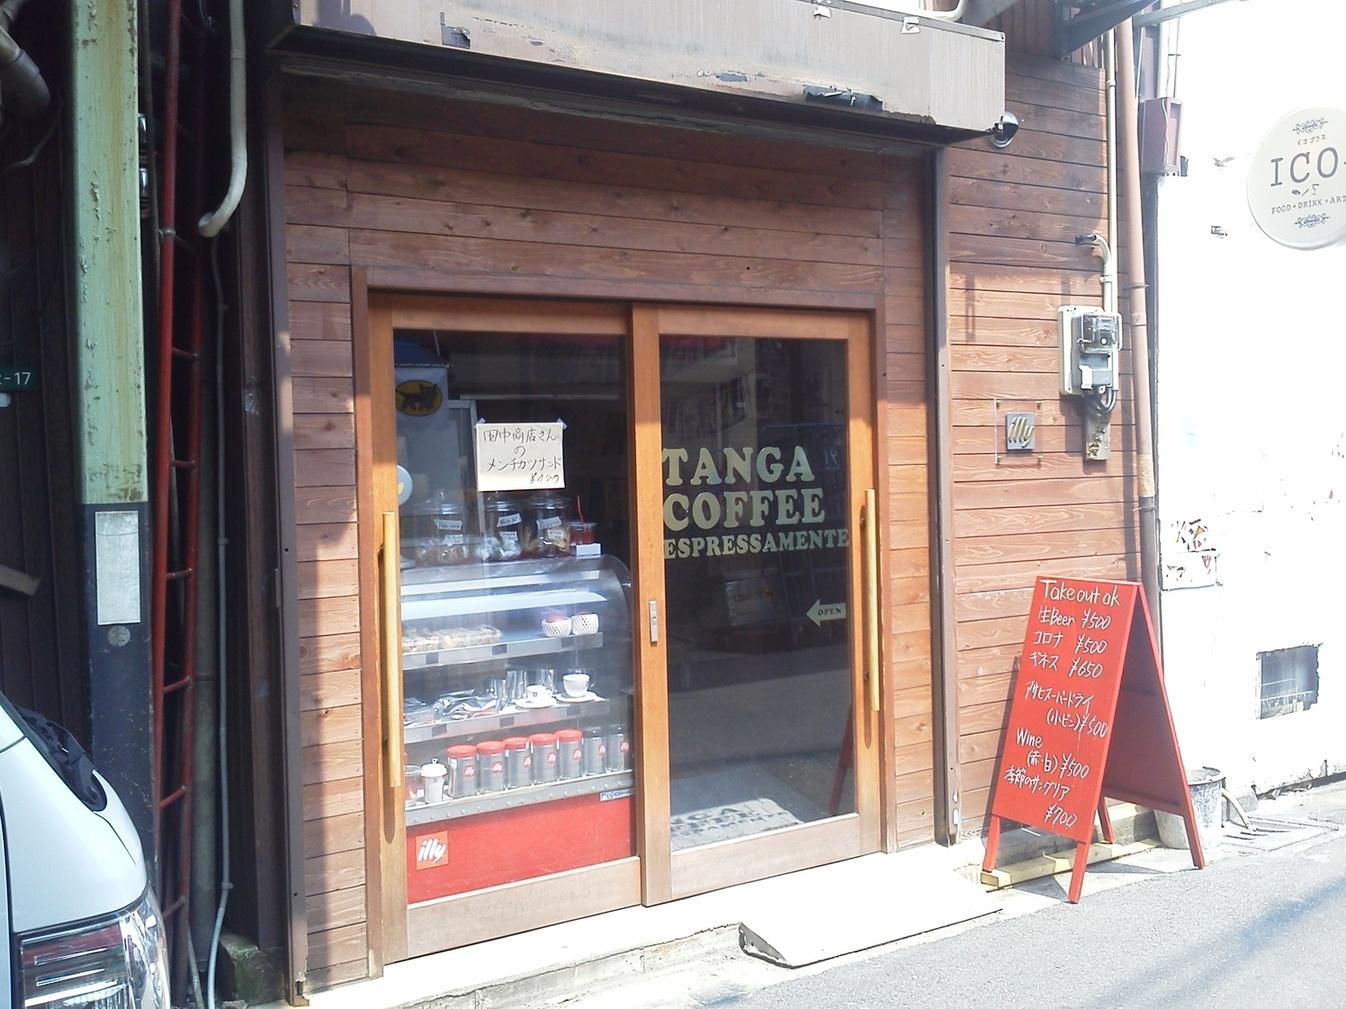 tanga coffee